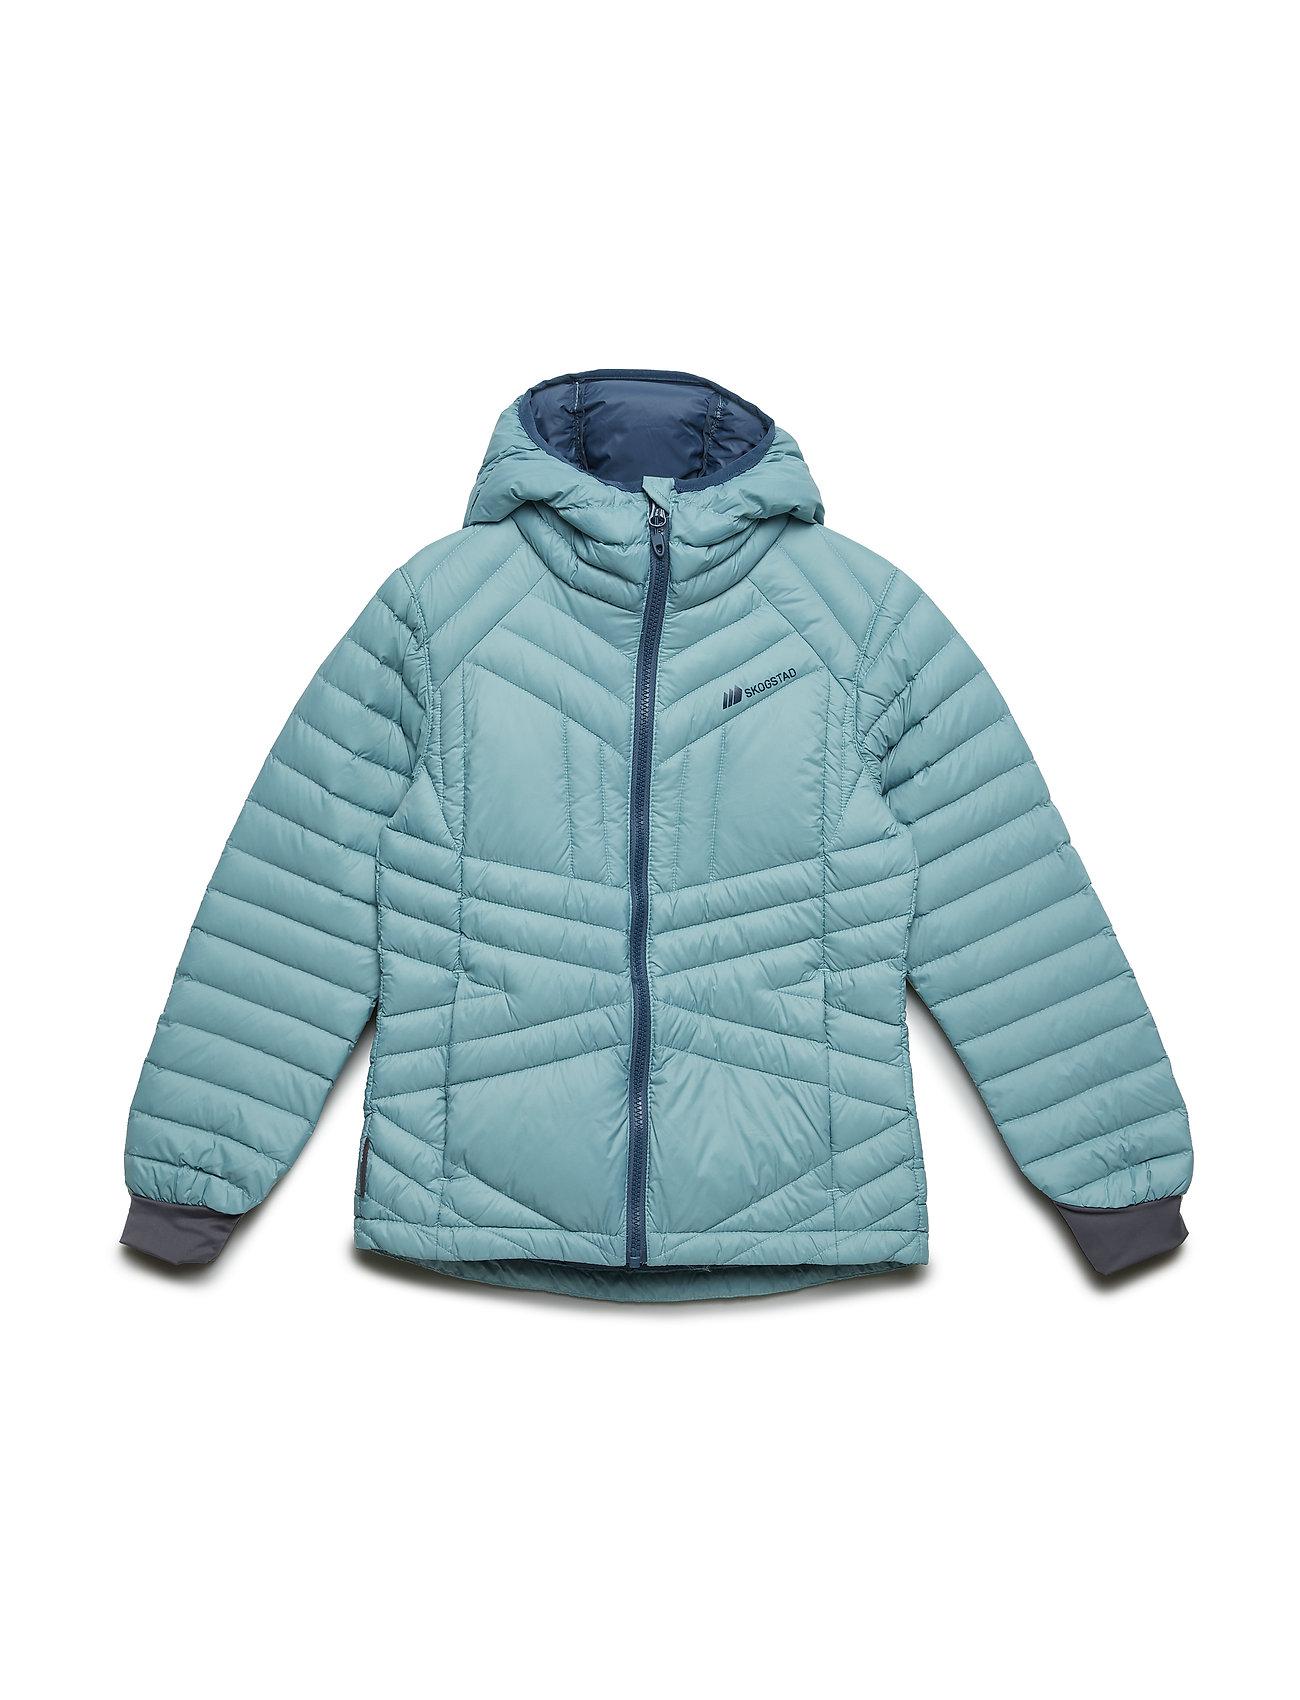 Image of Kvia Down Jacket Bh-top Blå SKOGSTAD (3071452589)